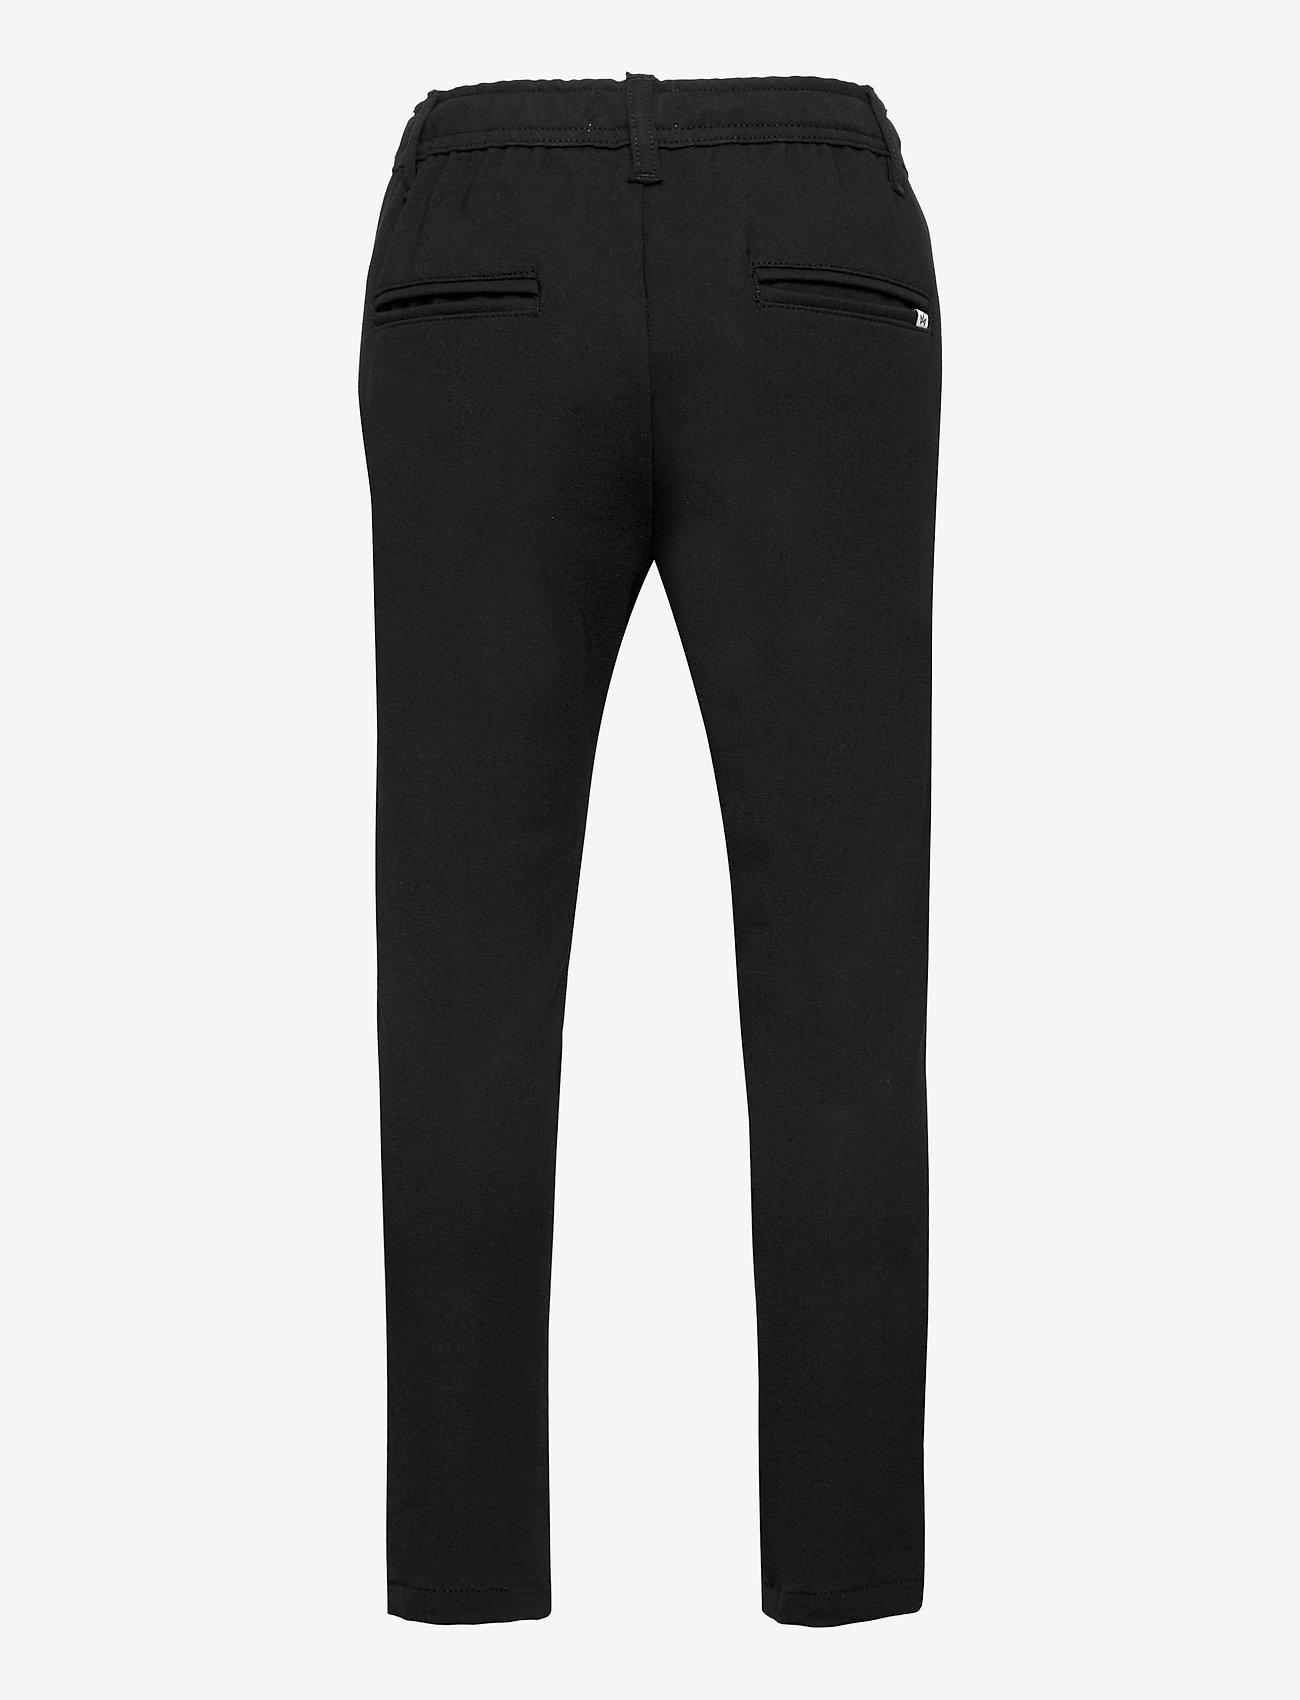 Kronstadt - Club pants - trousers - black - 1